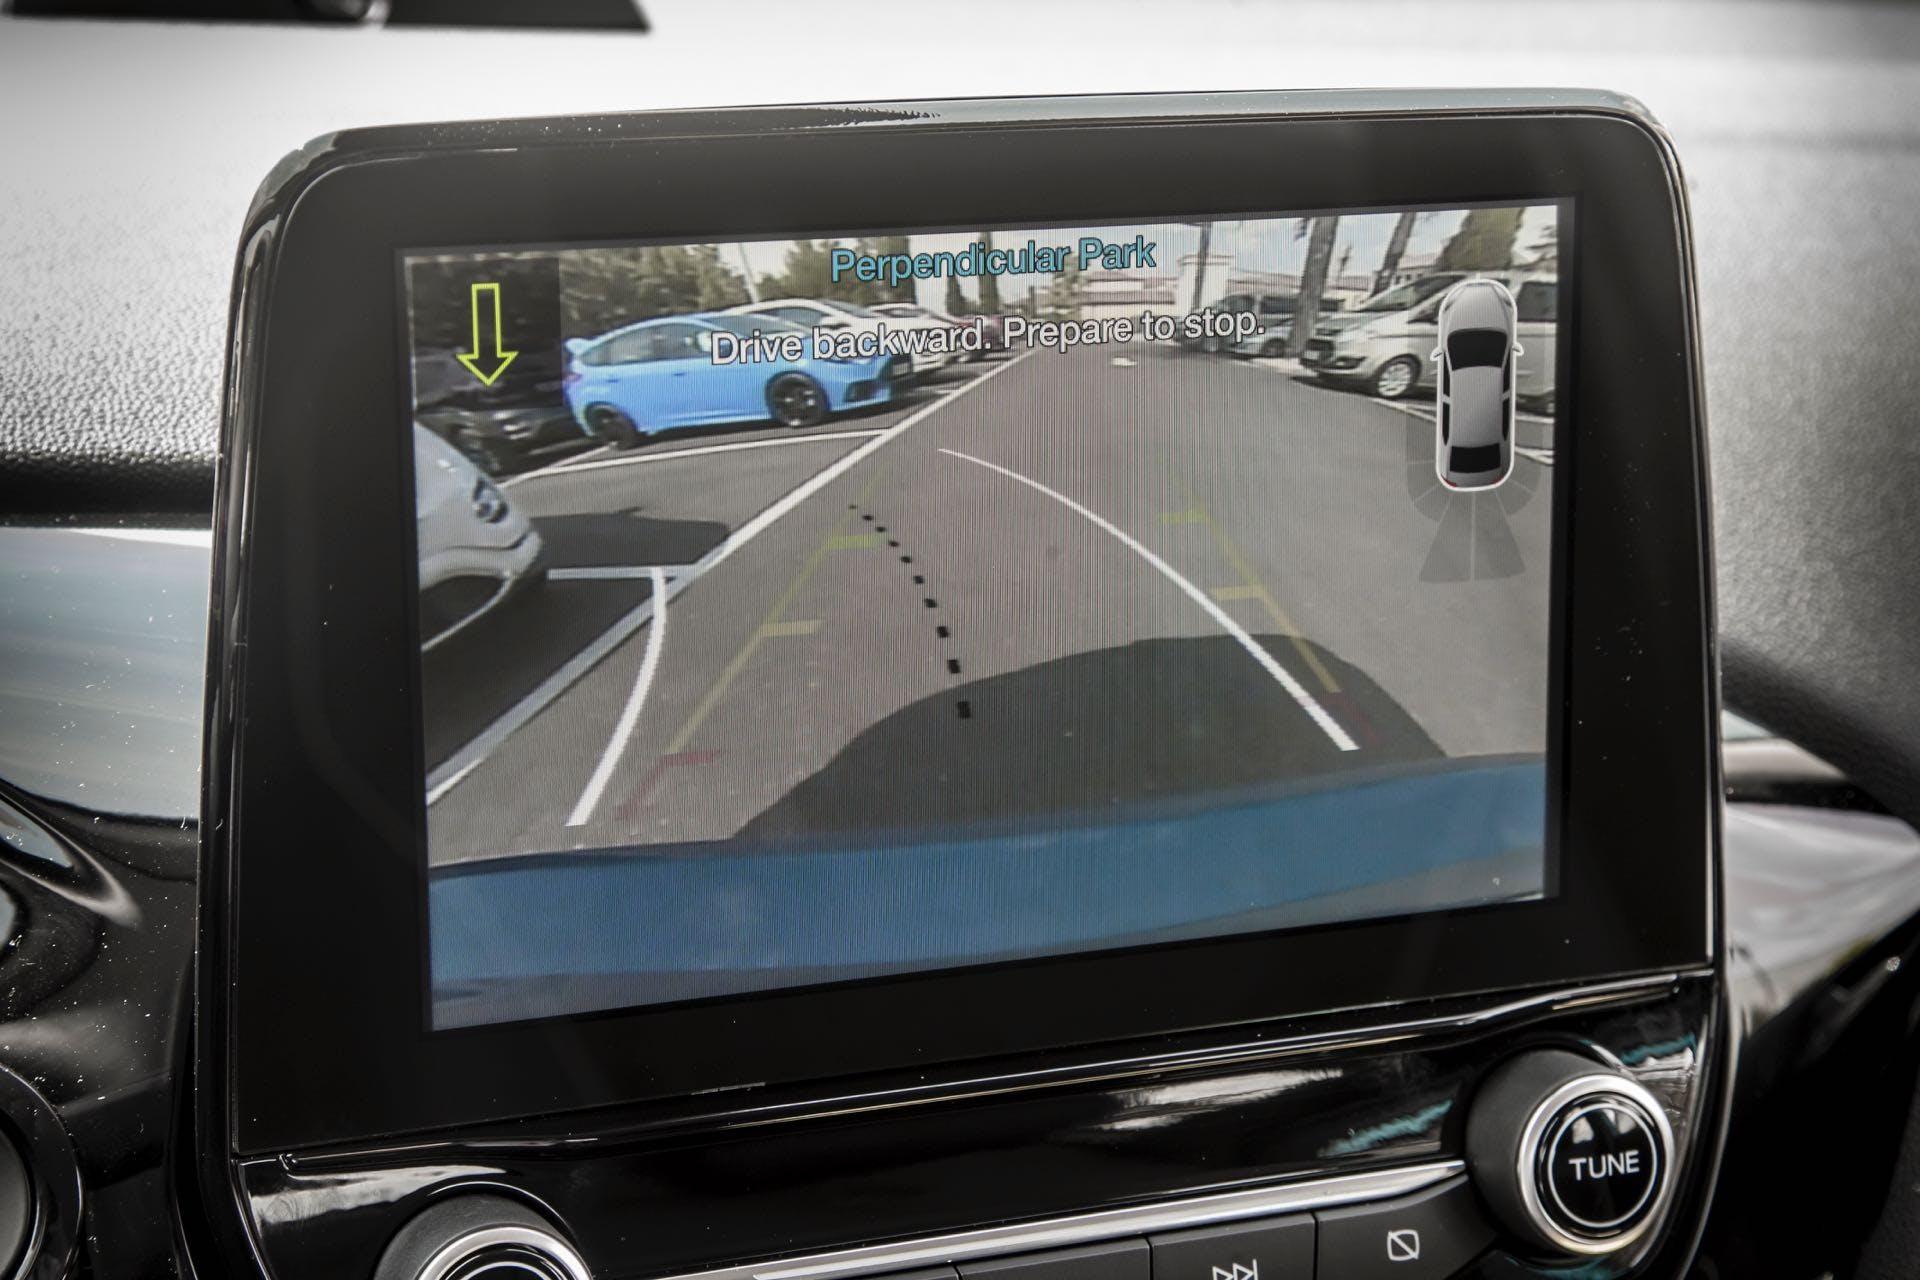 Sensore di parcheggio della Ford Fiesta Titanium